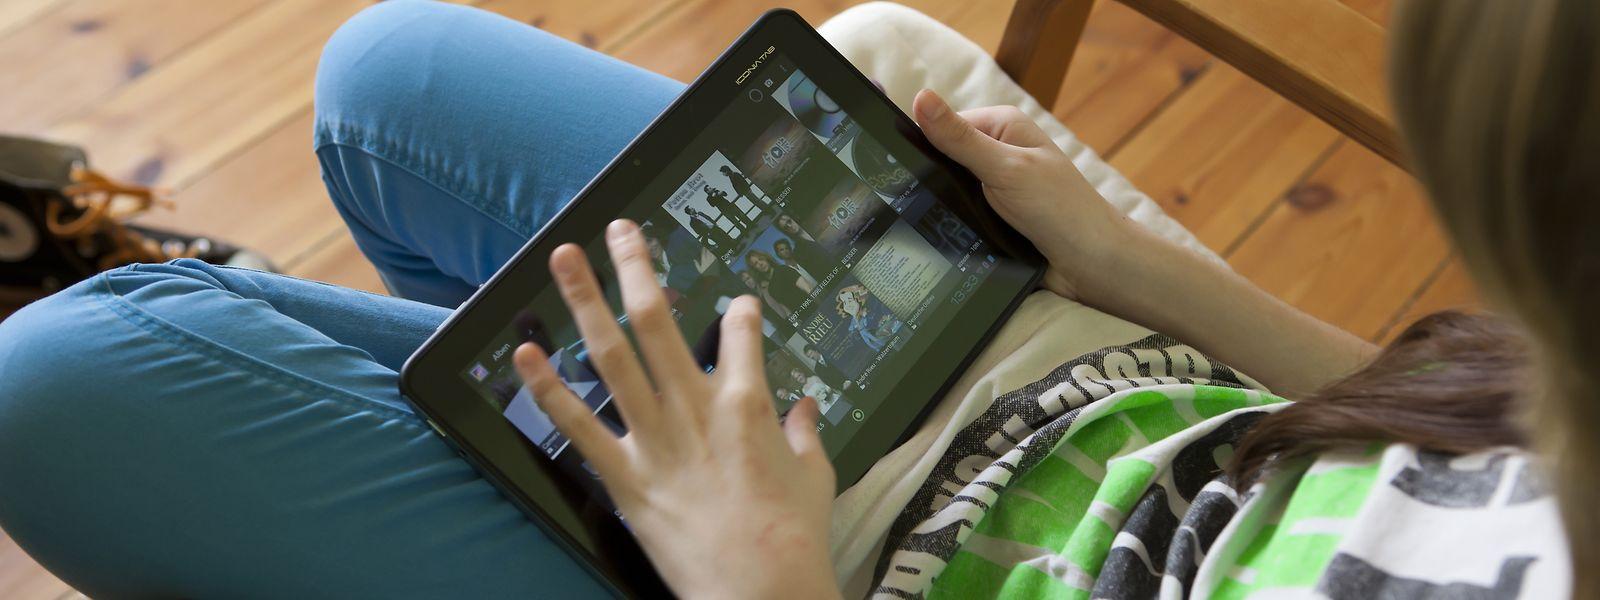 Stundenlang daddeln und Videos anschauen: Viele Kinder und Jugendliche haben während der Corona-Pandemie noch mehr Zeit als zuvor mit digitalen Spielgeräten verbracht.